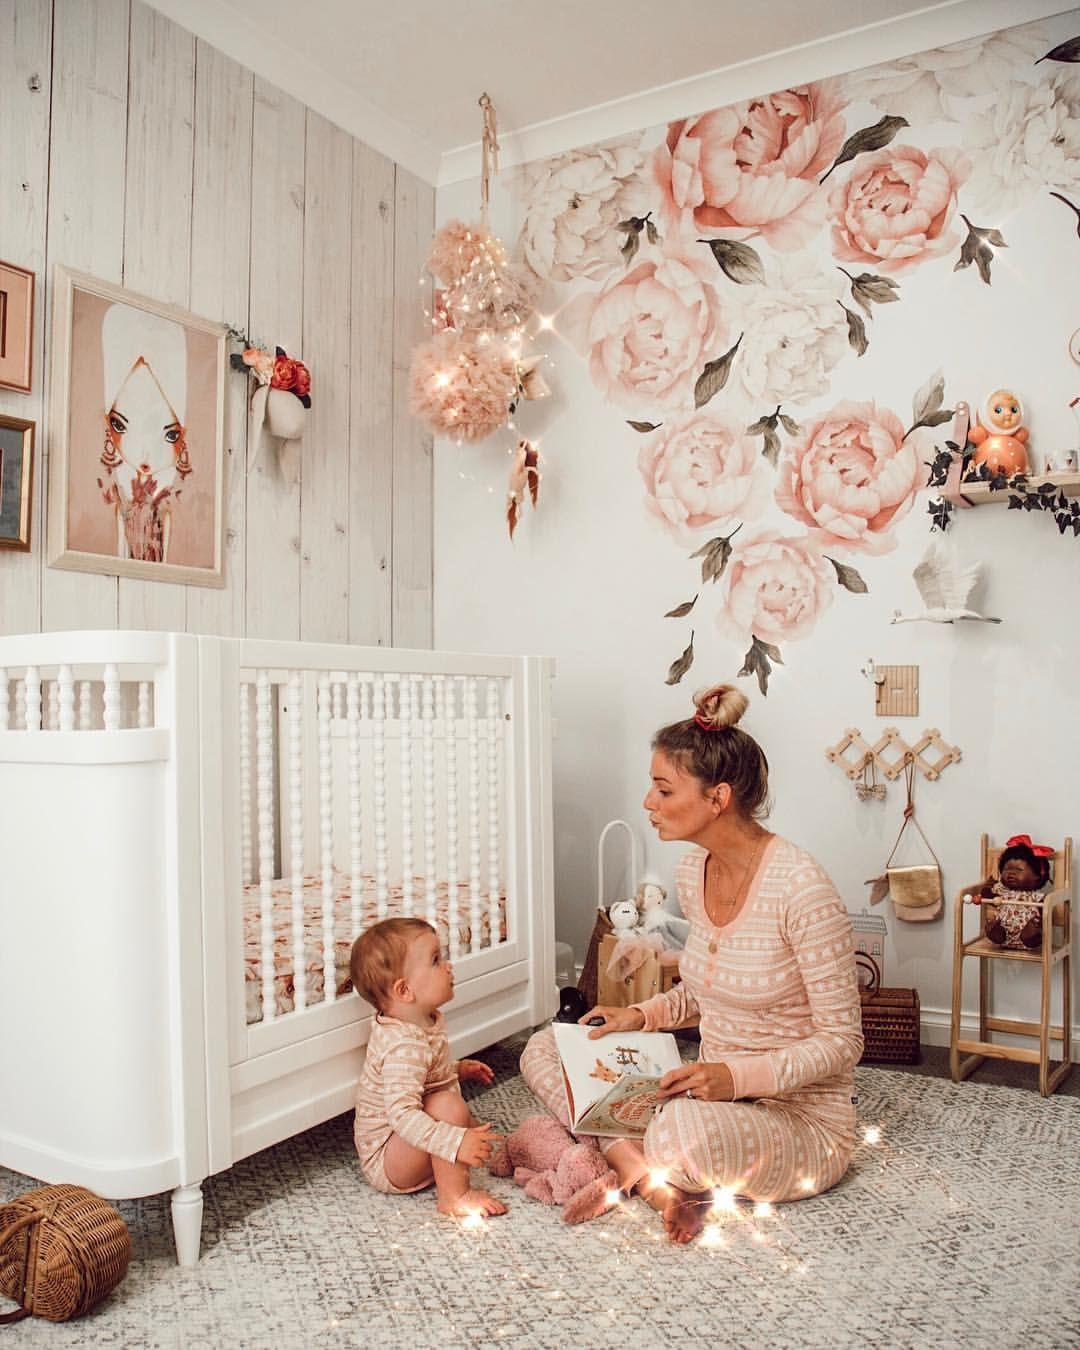 Gefallt 3 692 Mal 137 Kommentare Kyree Harvey Misskyreeloves Auf Instagram If I Was I M Talki Baby Girl Bedroom Baby Girl Room Creative Kids Rooms